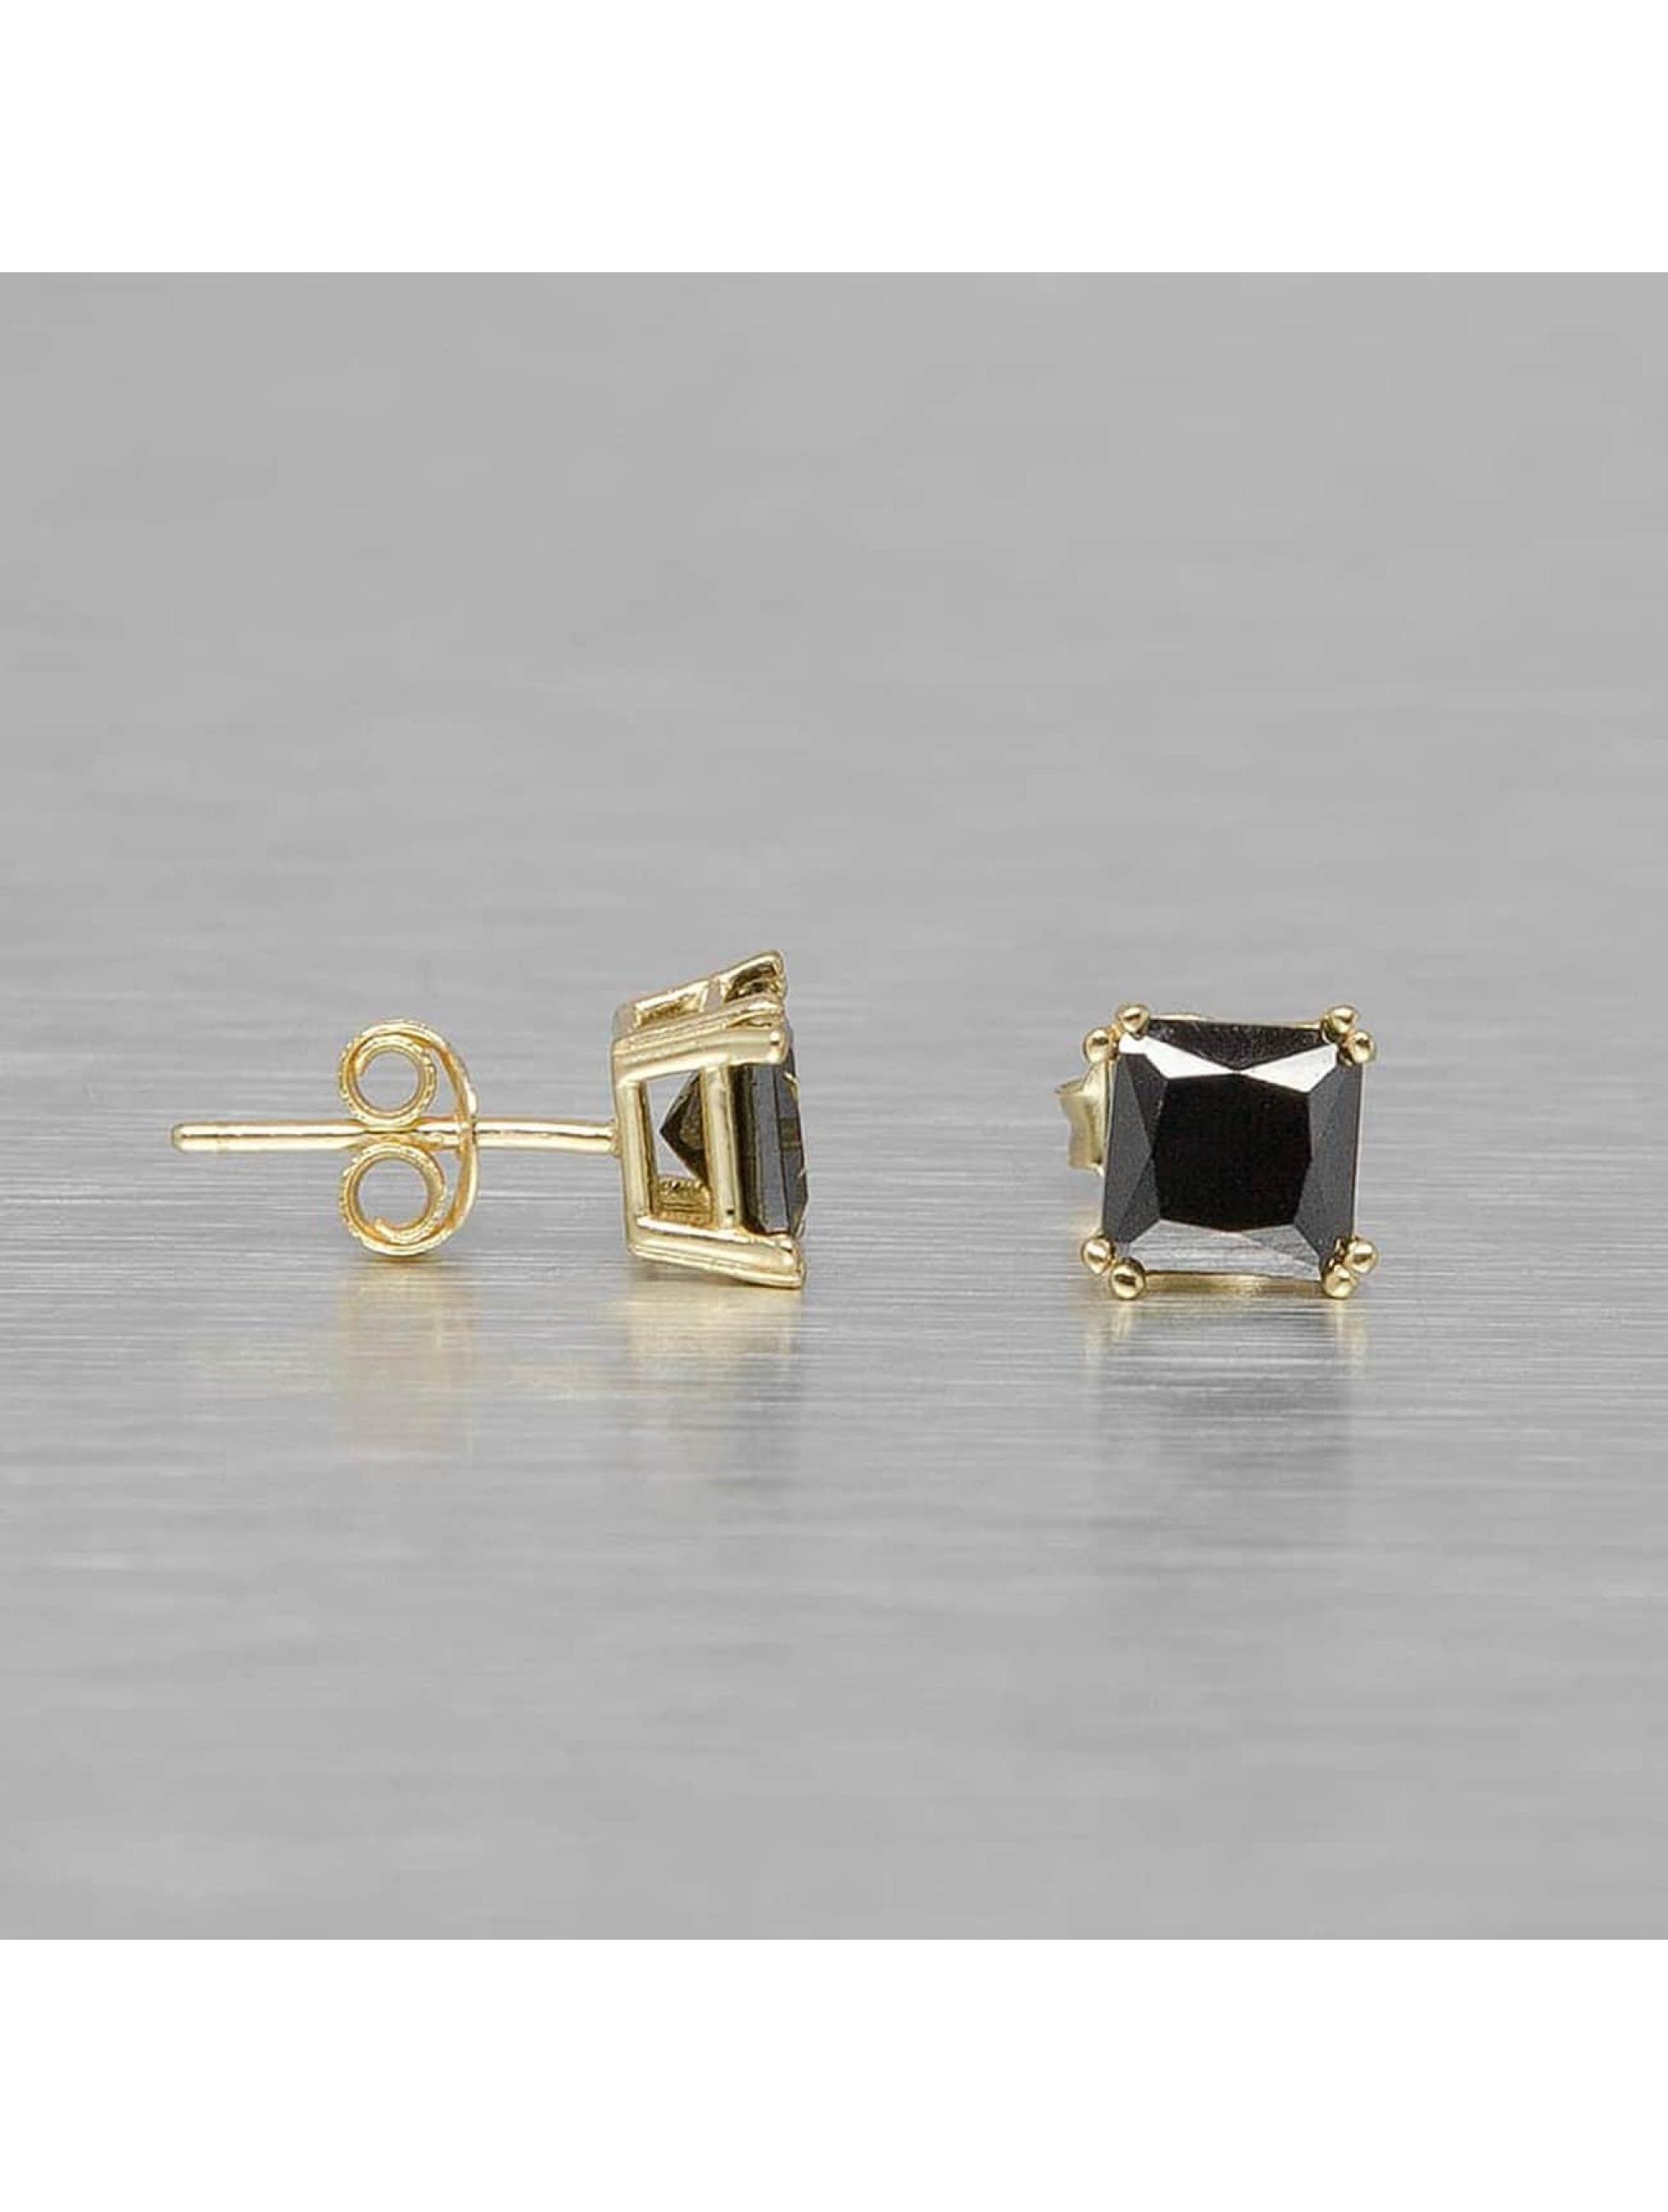 KING ICE Männer,Frauen Ohrringe Gold_Plated 6mm 925 Sterling_Silver CZ Black Princess Cut in goldfarben